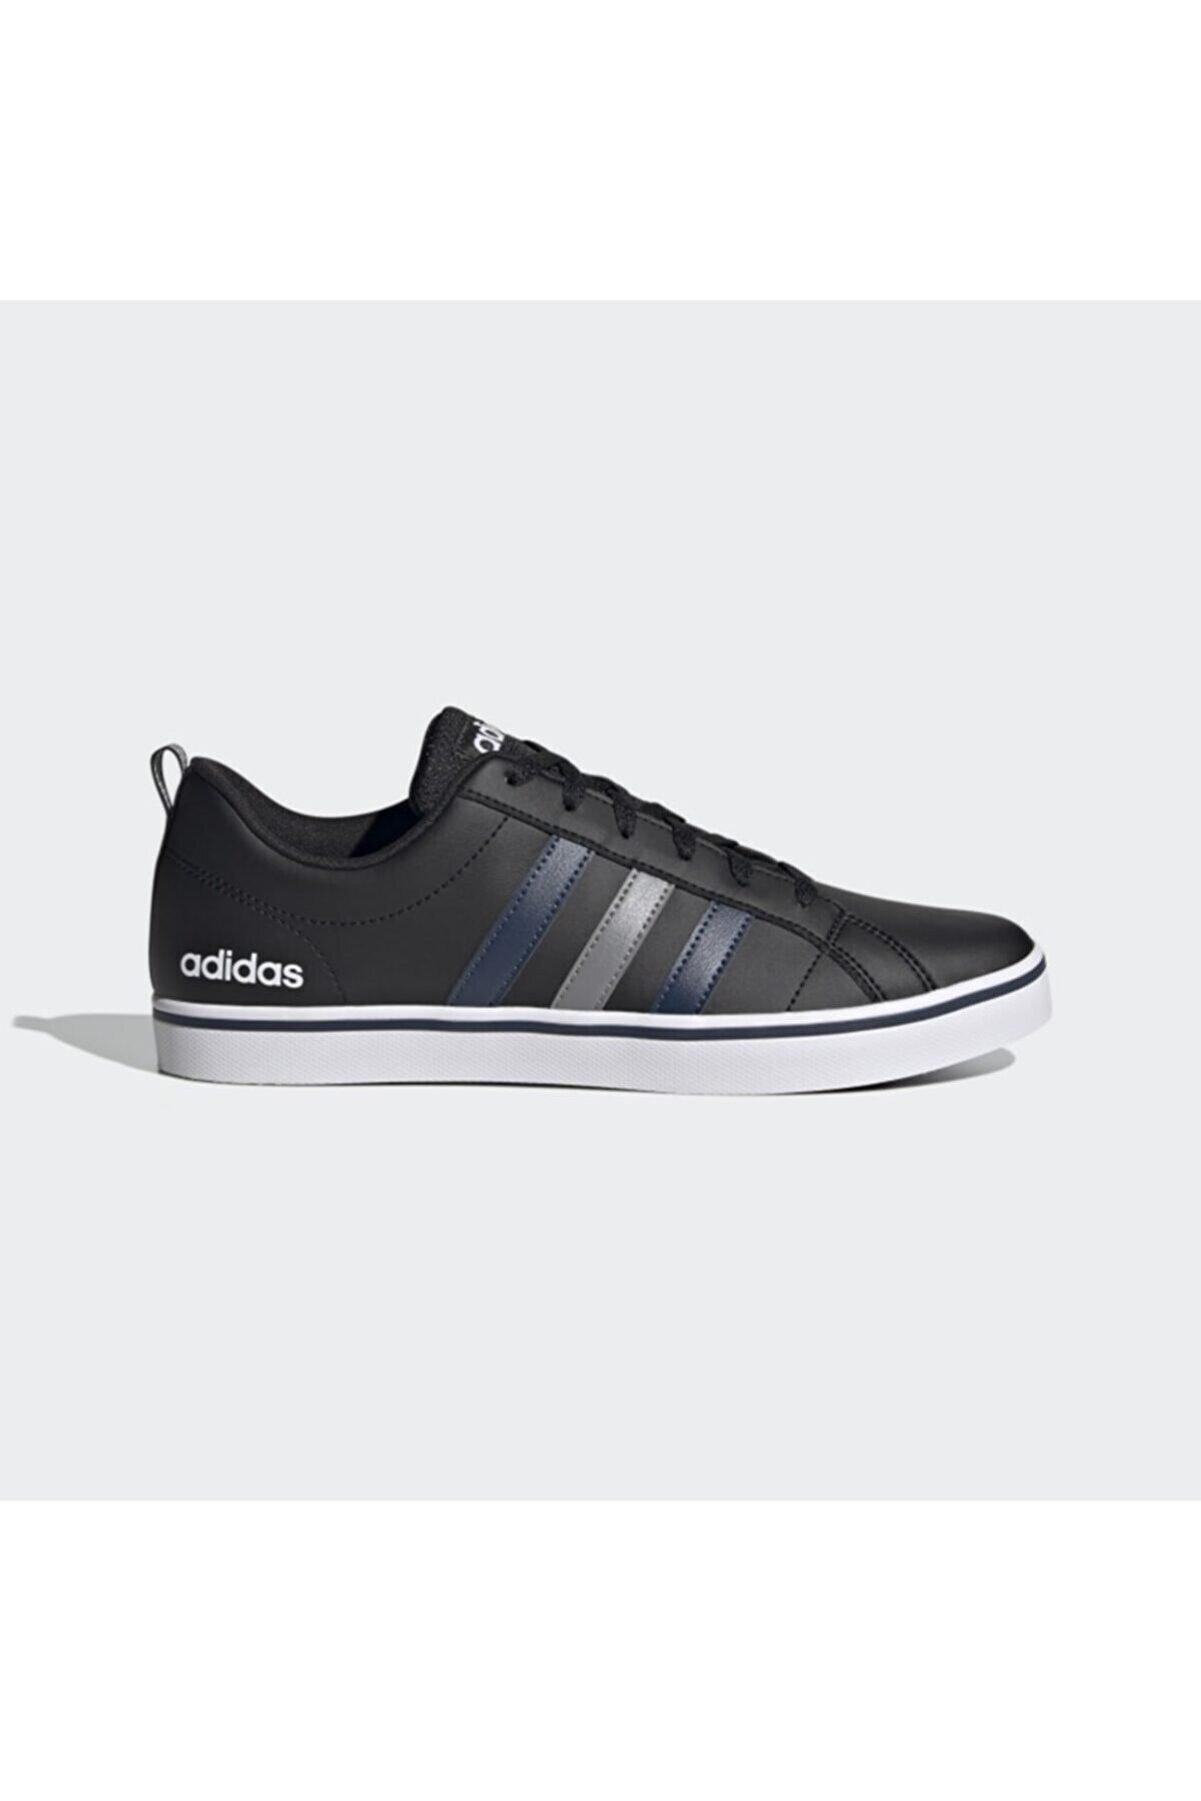 adidas Vs Pace Erkek Günlük Spor Ayakkabı Fy8559